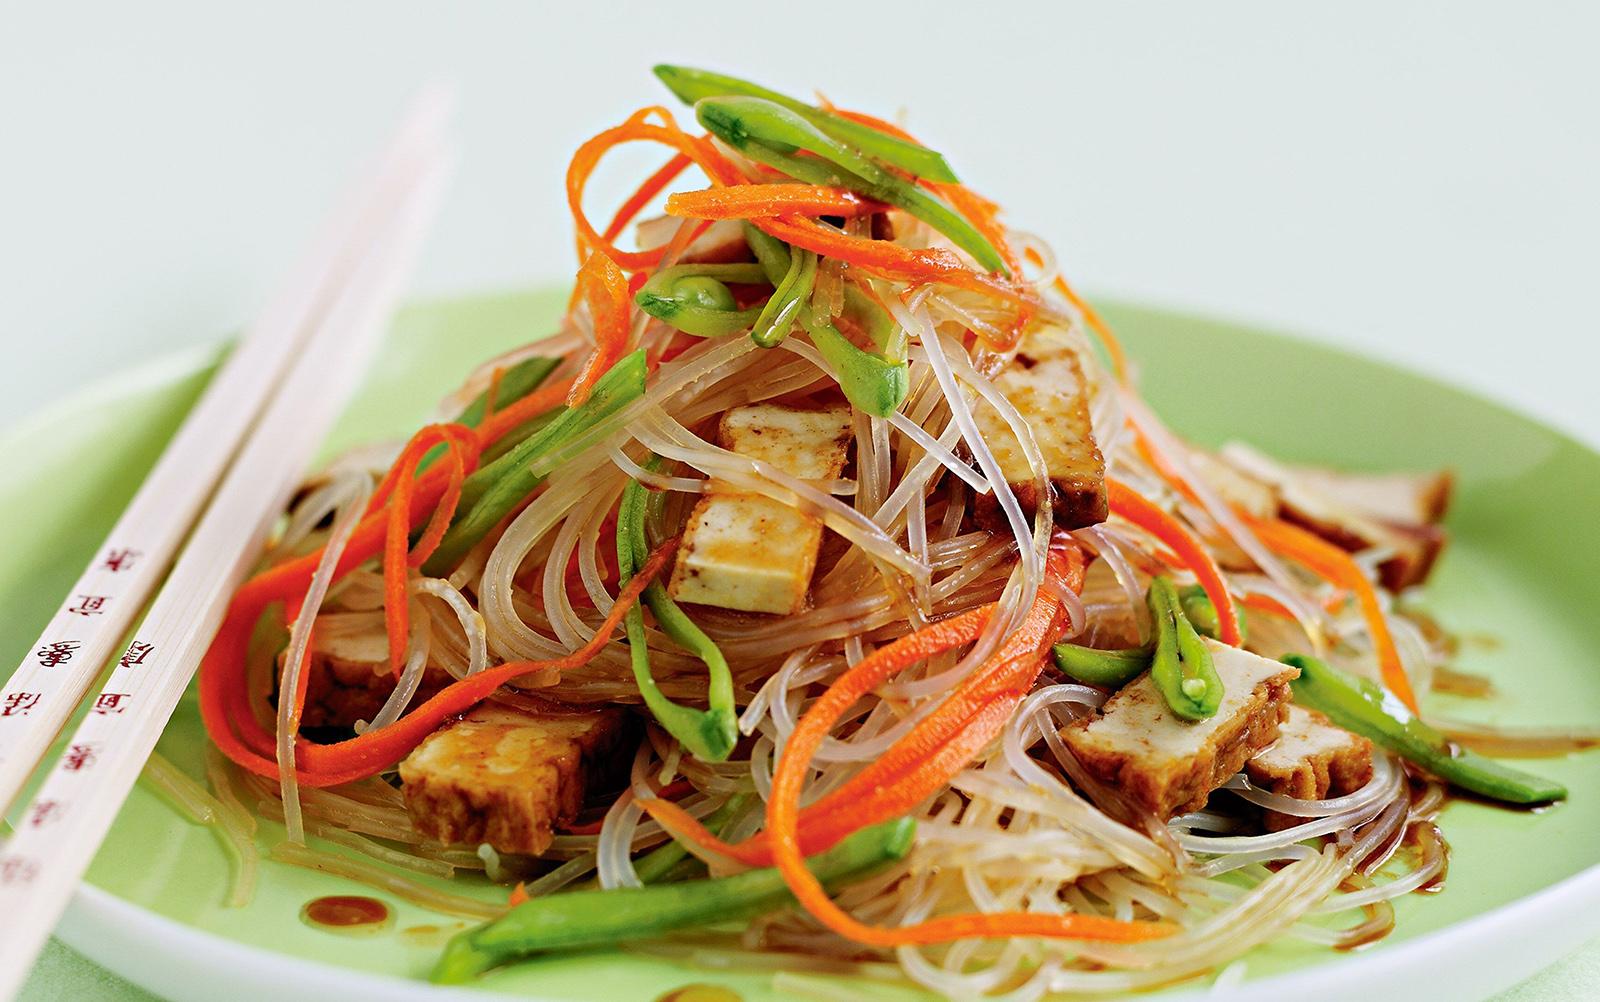 mungbean-based glass noodles Thai Noodles